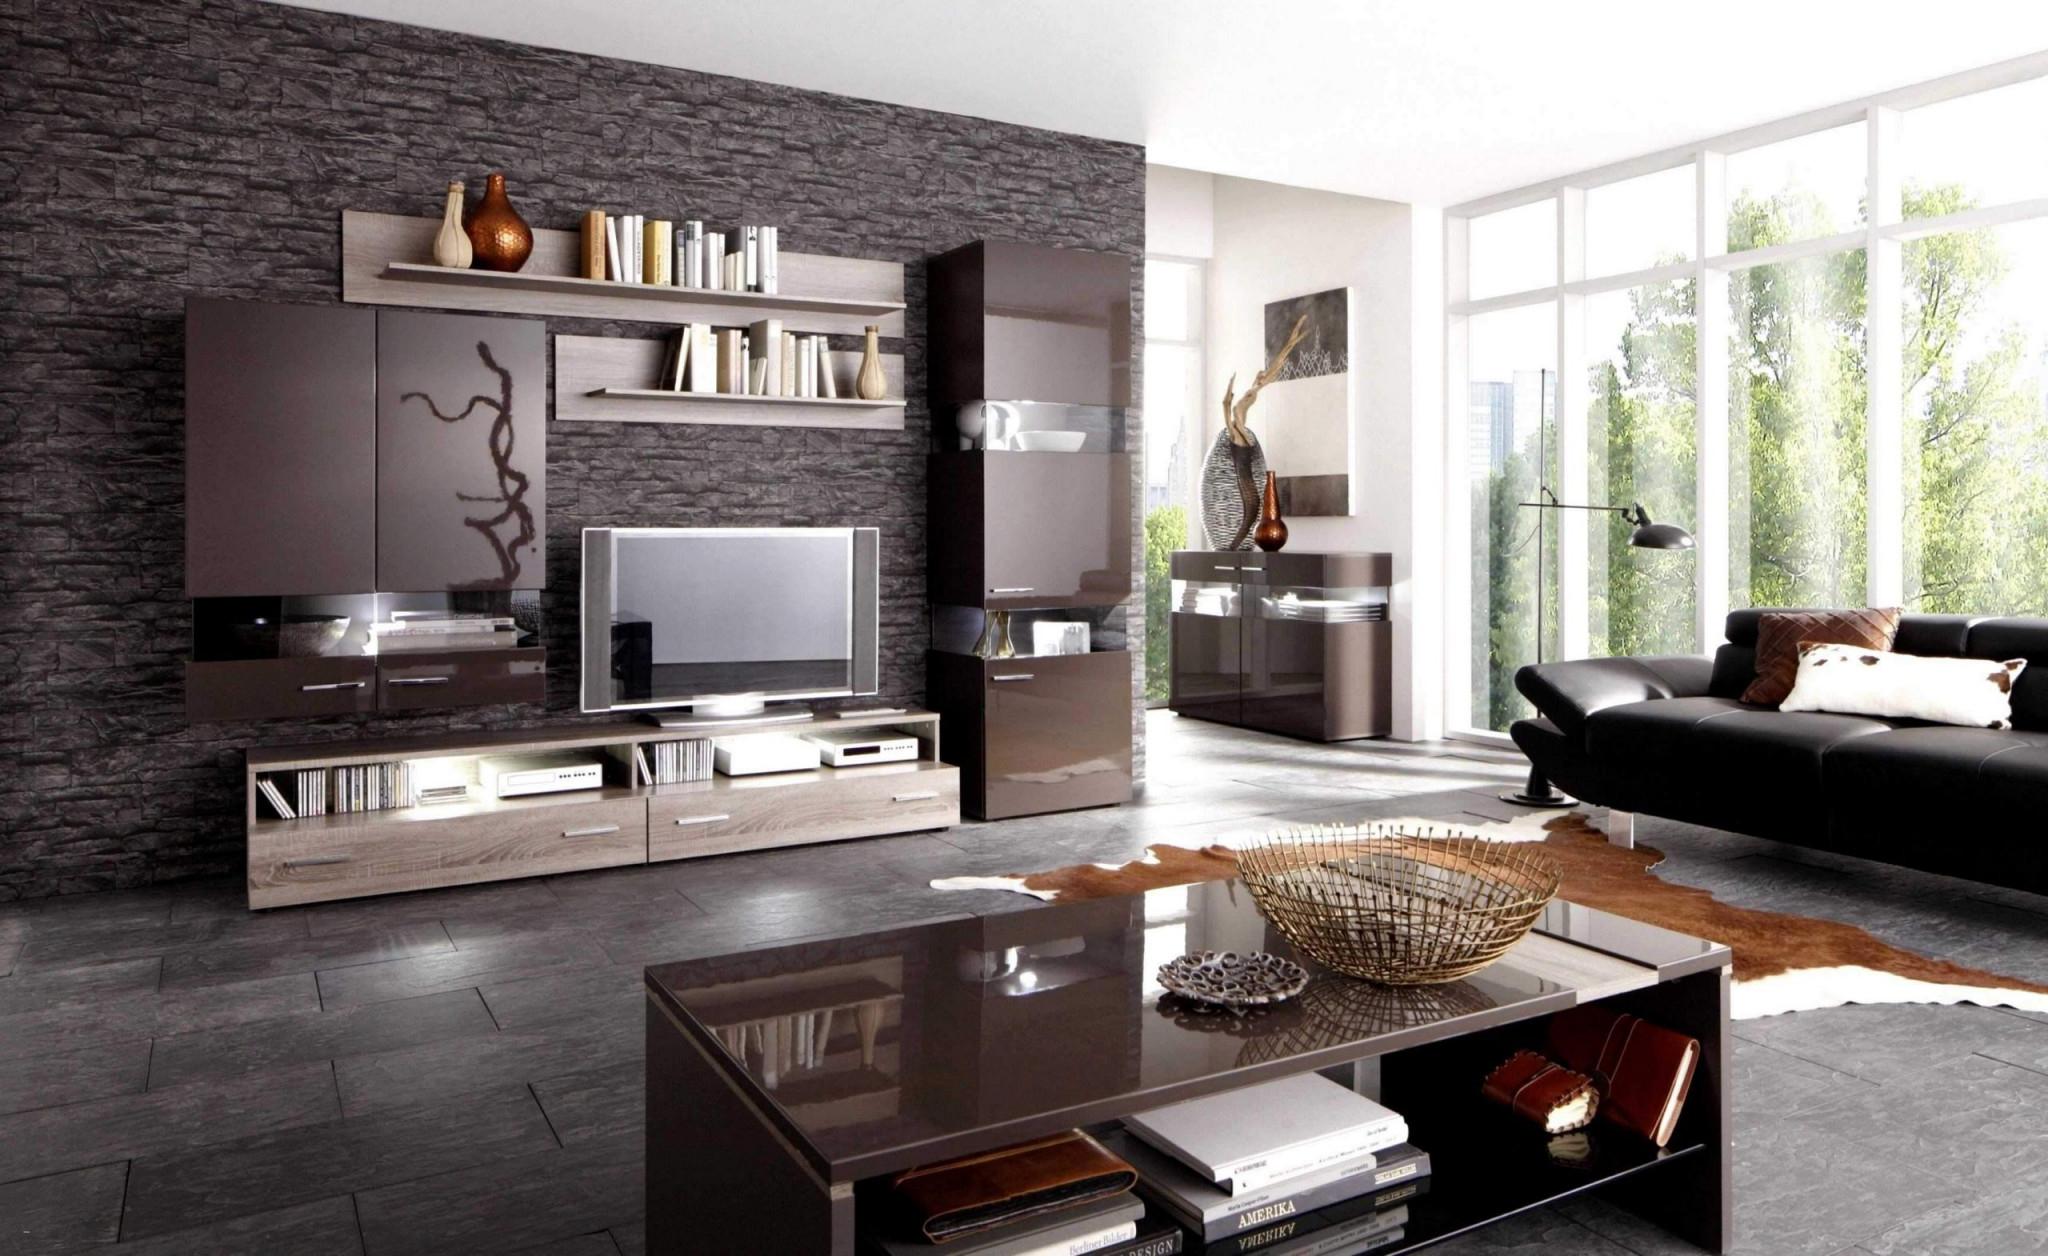 Wohnzimmer Farblich Gestalten Luxus 41 Luxus Von Wände von Wohnzimmer Wände Farbig Gestalten Bild